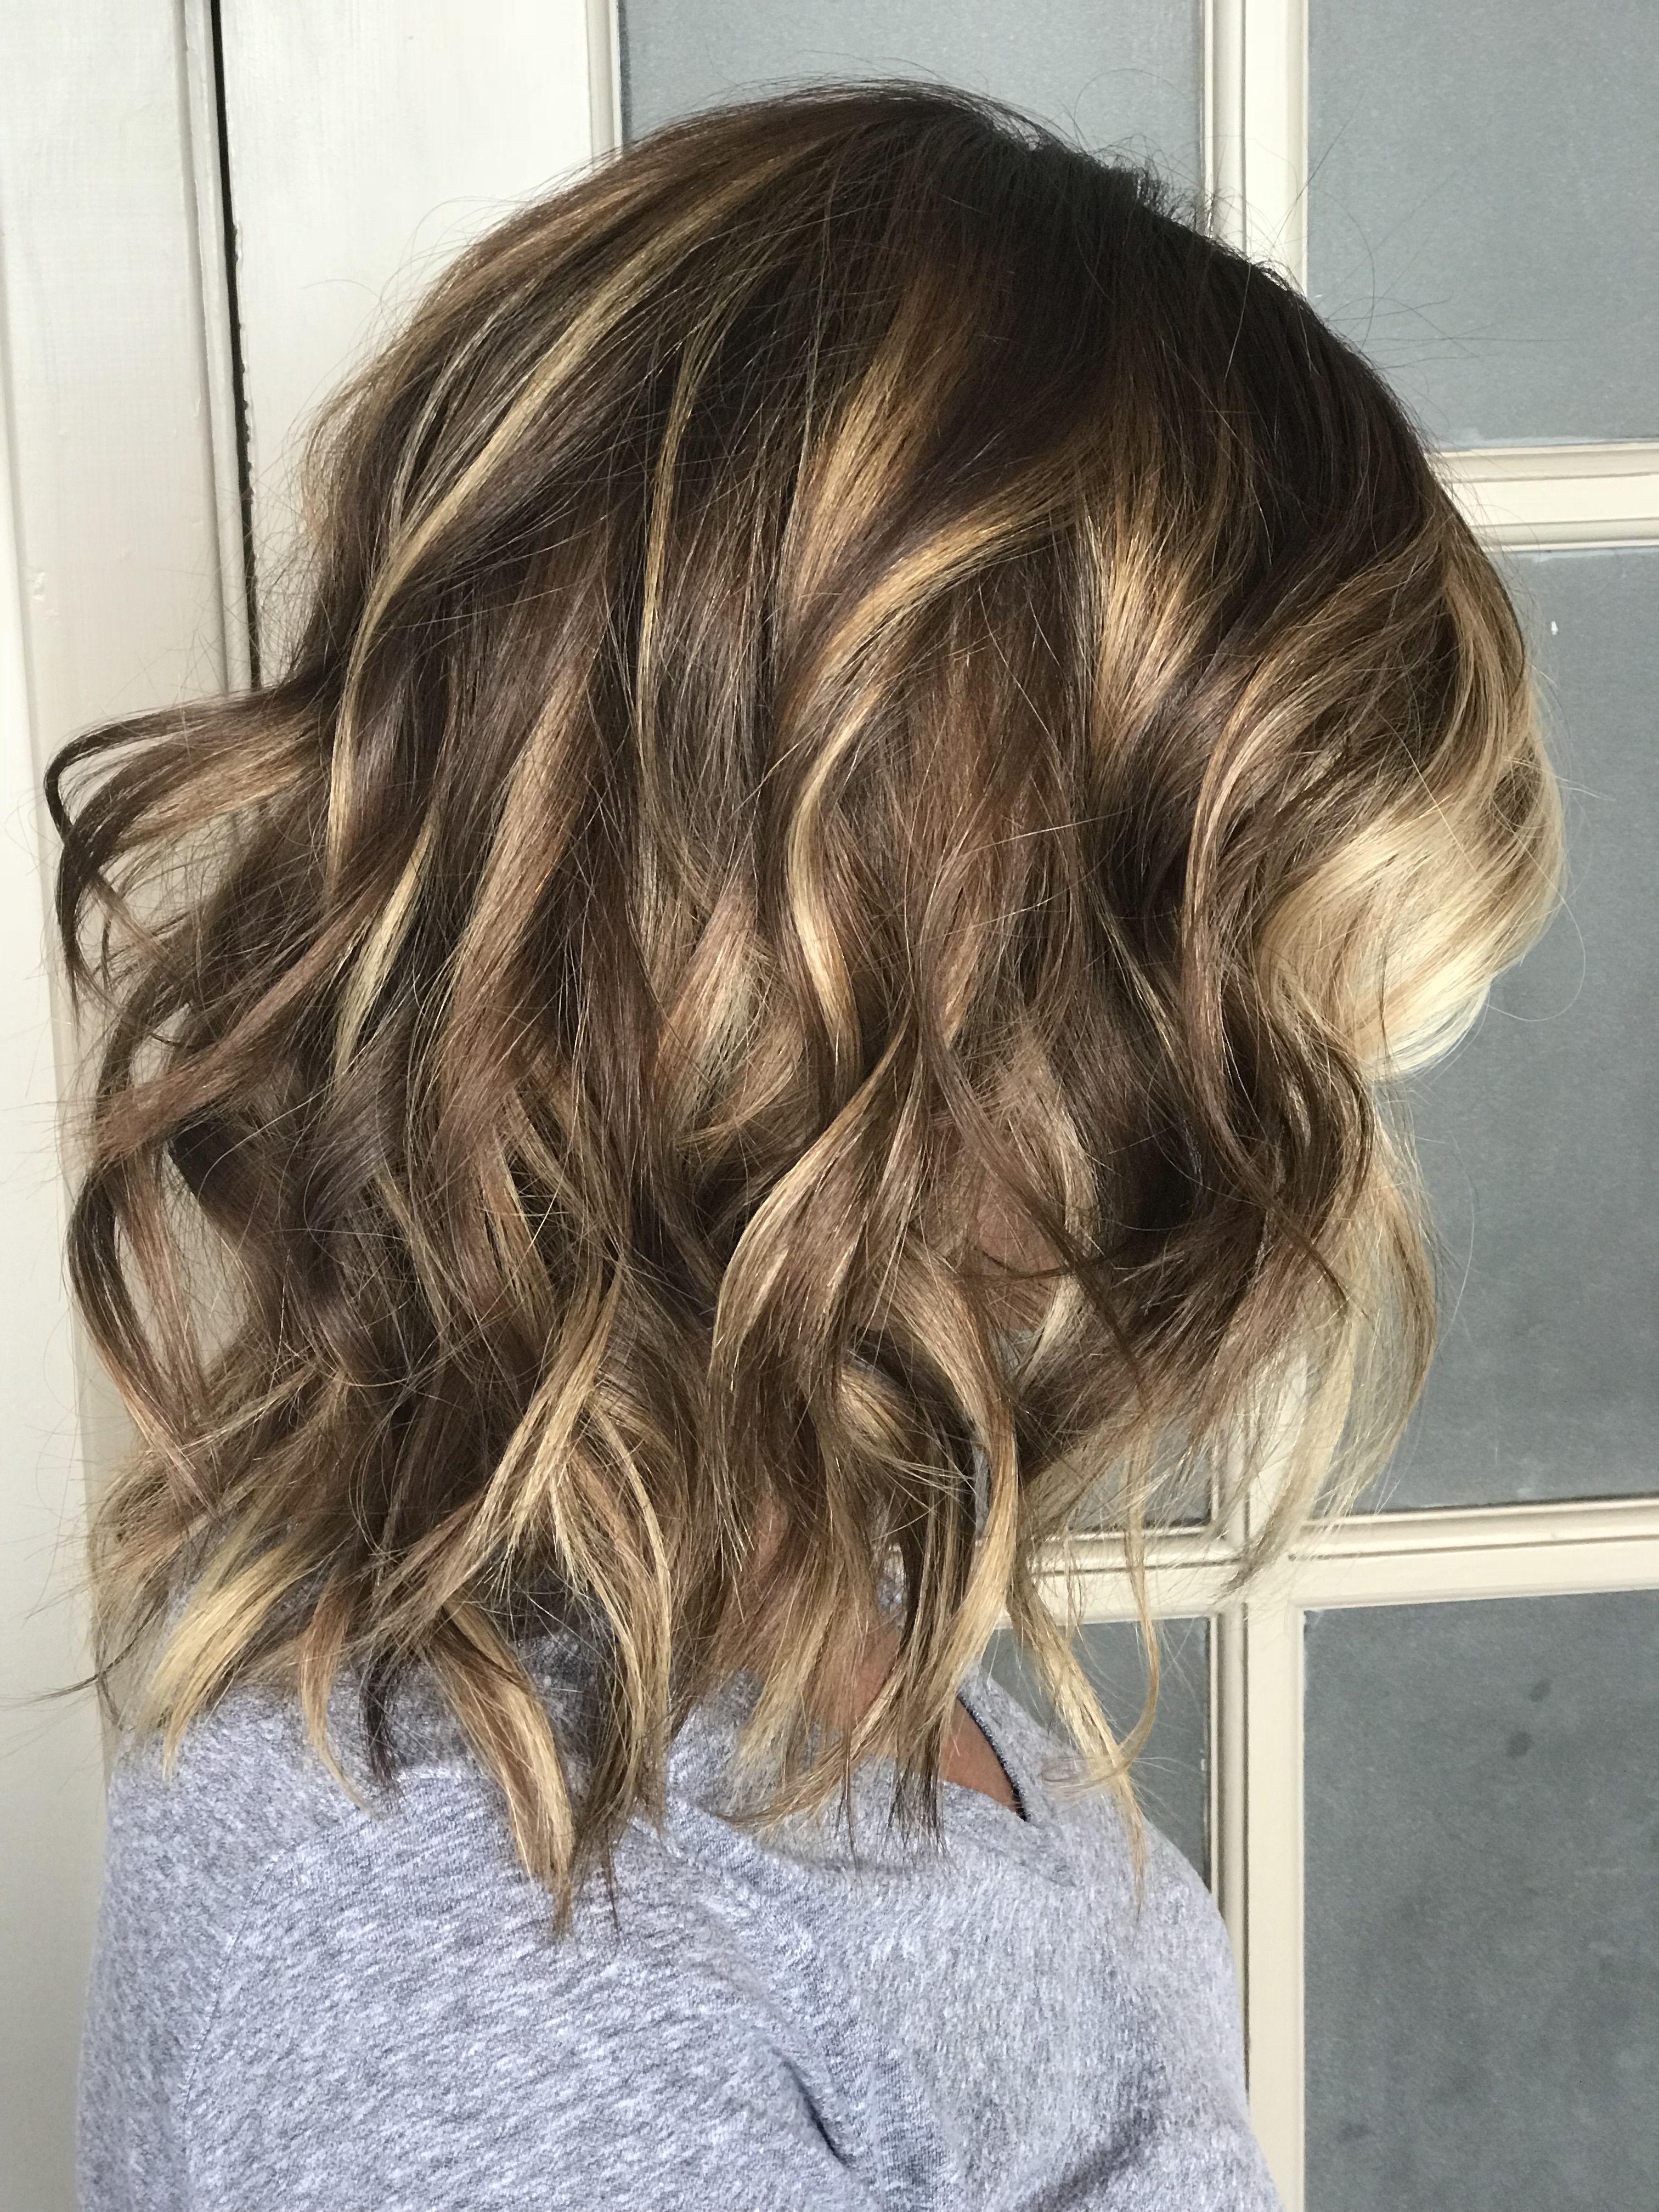 Balayage By Brea At Creative Hair Design Omaha Ne Creative Hairstyles New Hair Long Hair Styles